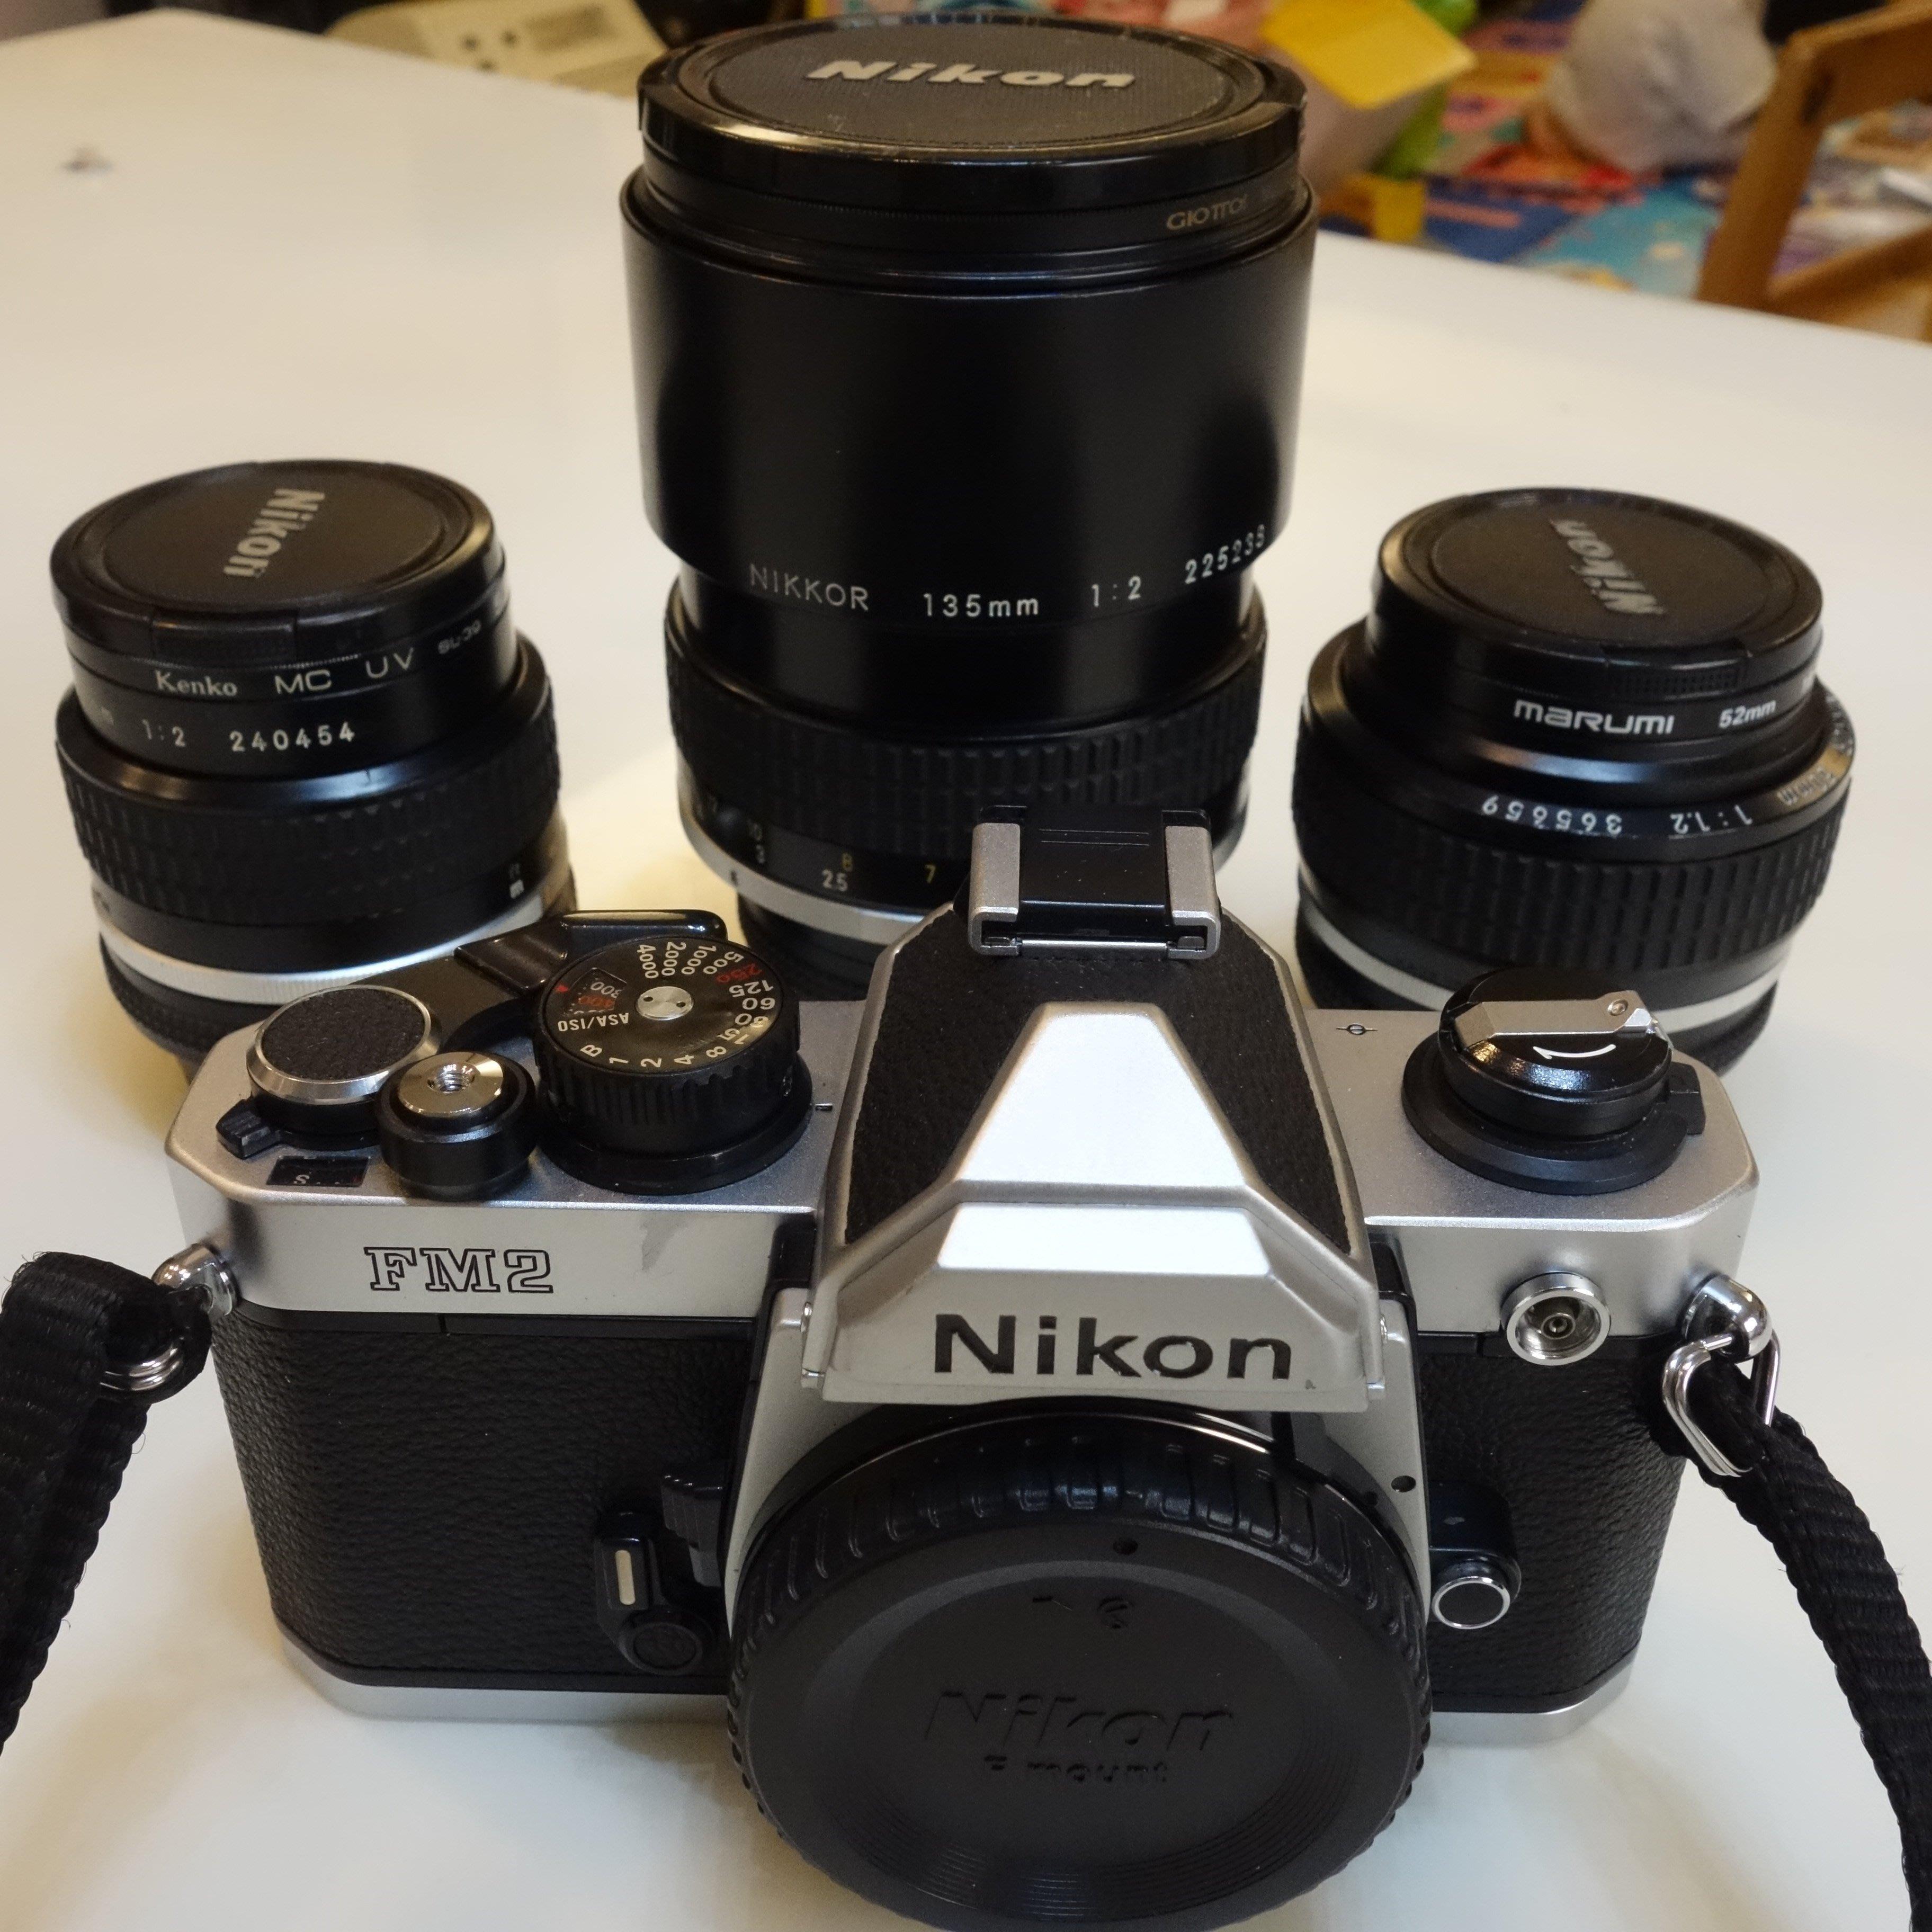 中古 Nikon 經典底片相機FM2 含三支經典定焦大光圈手動鏡頭 24/f2 50/f1.2 135/f2